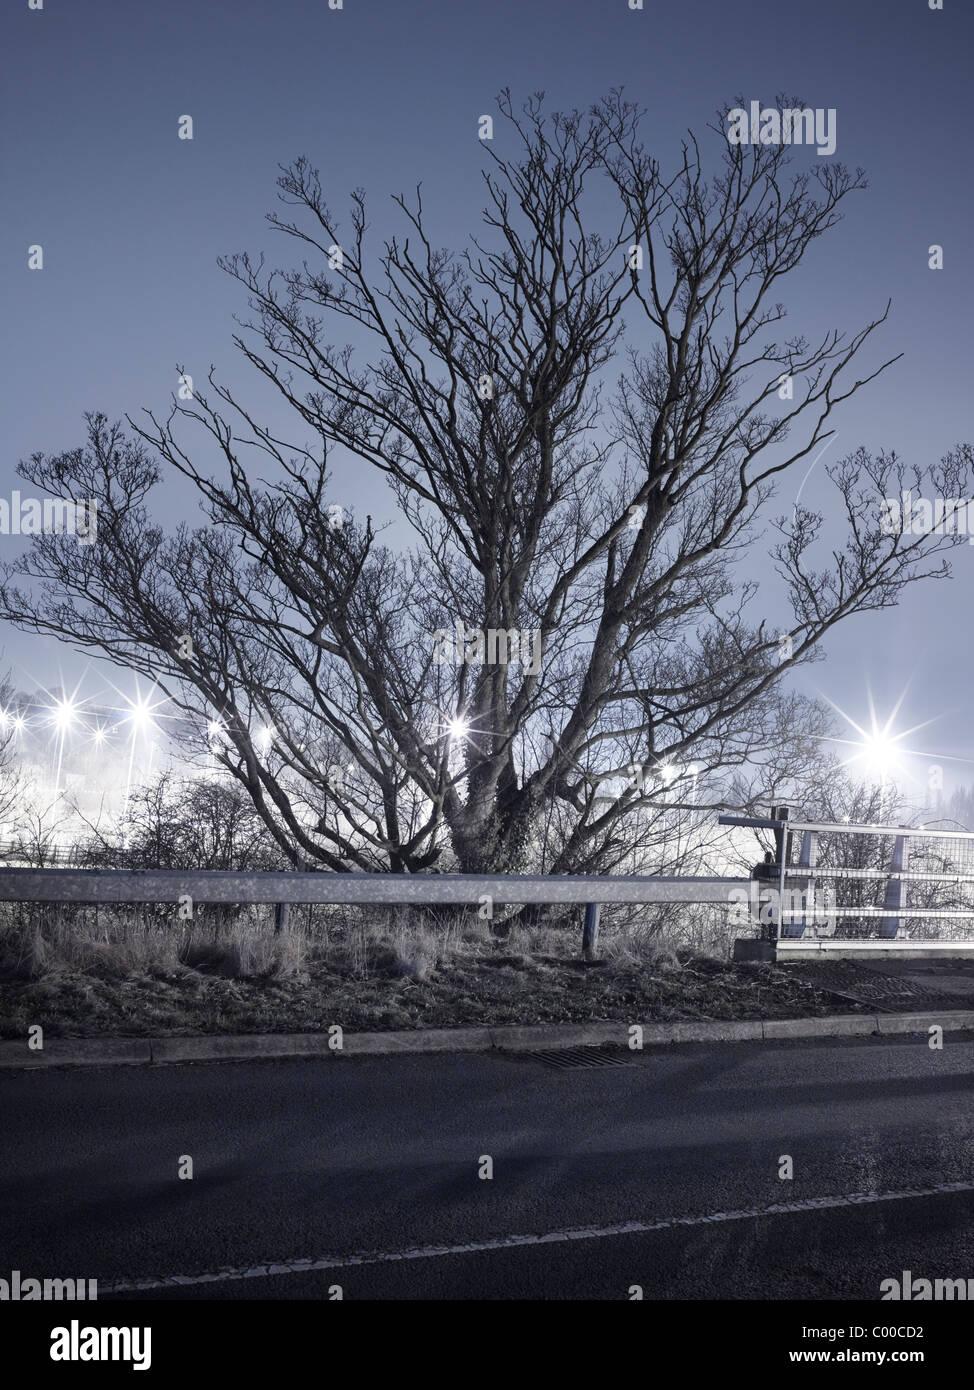 Carretera y árboles iluminados por las luces de la calle por la noche con el cielo azul , tomadas por carretera Imagen De Stock